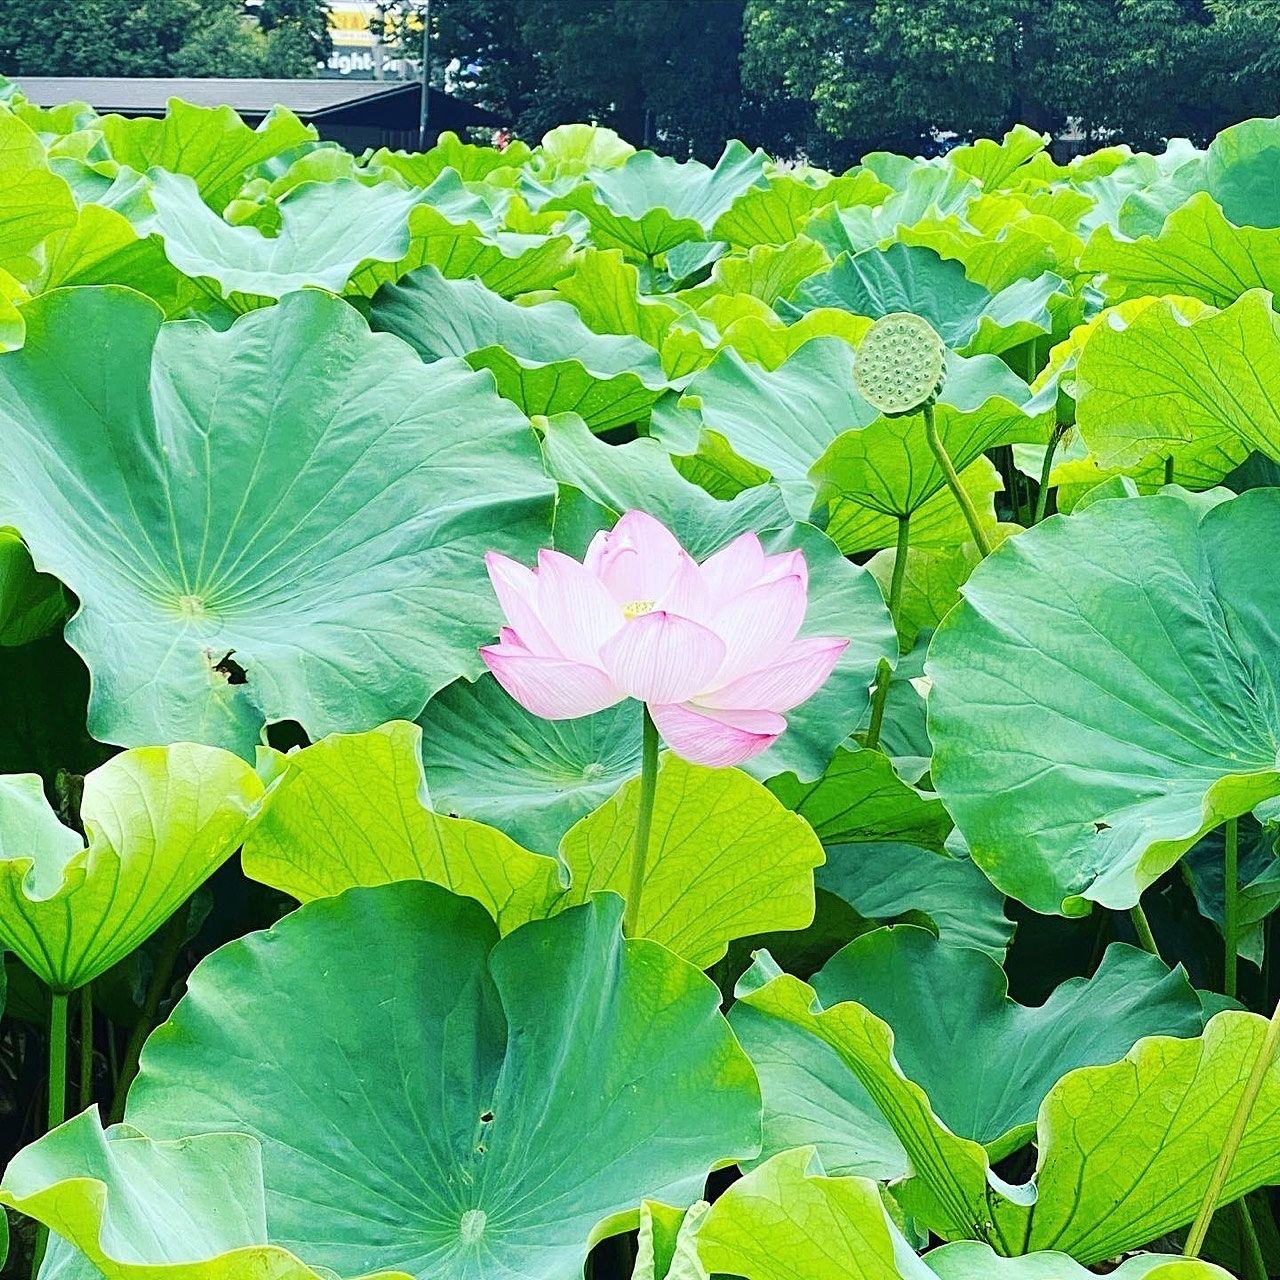 旬の花に逢いに行く〜蓮の池〜